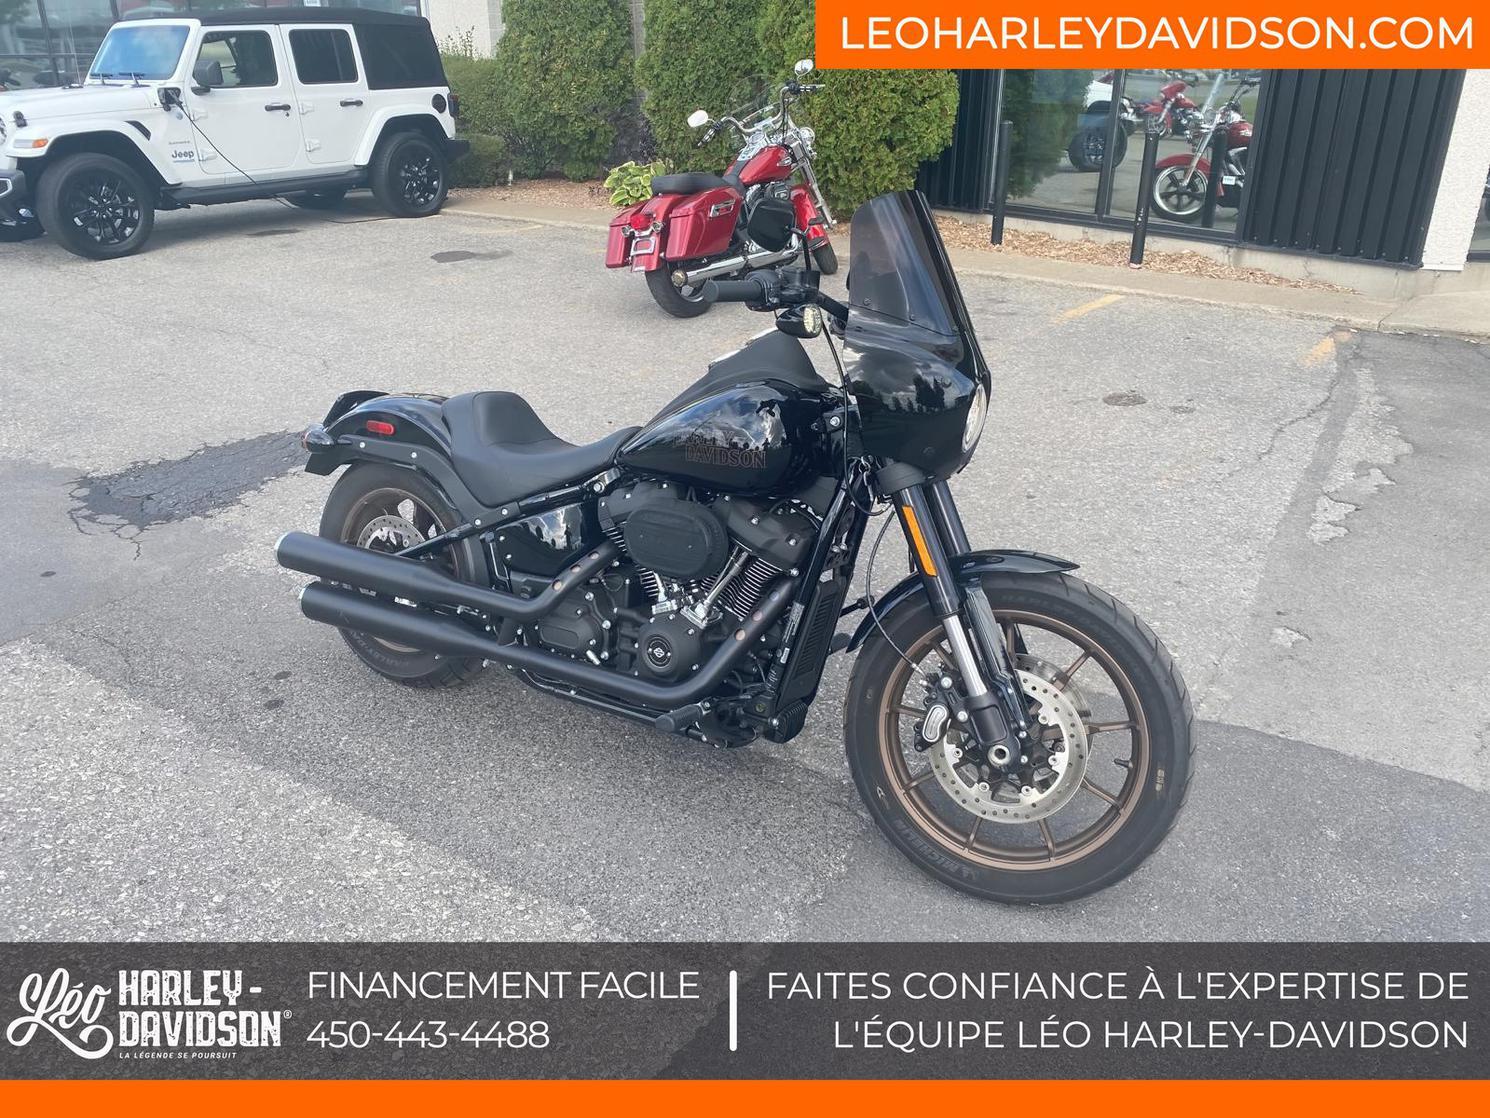 Harley-Davidson ST-Softail-Low Rider 2020 - fxlrs